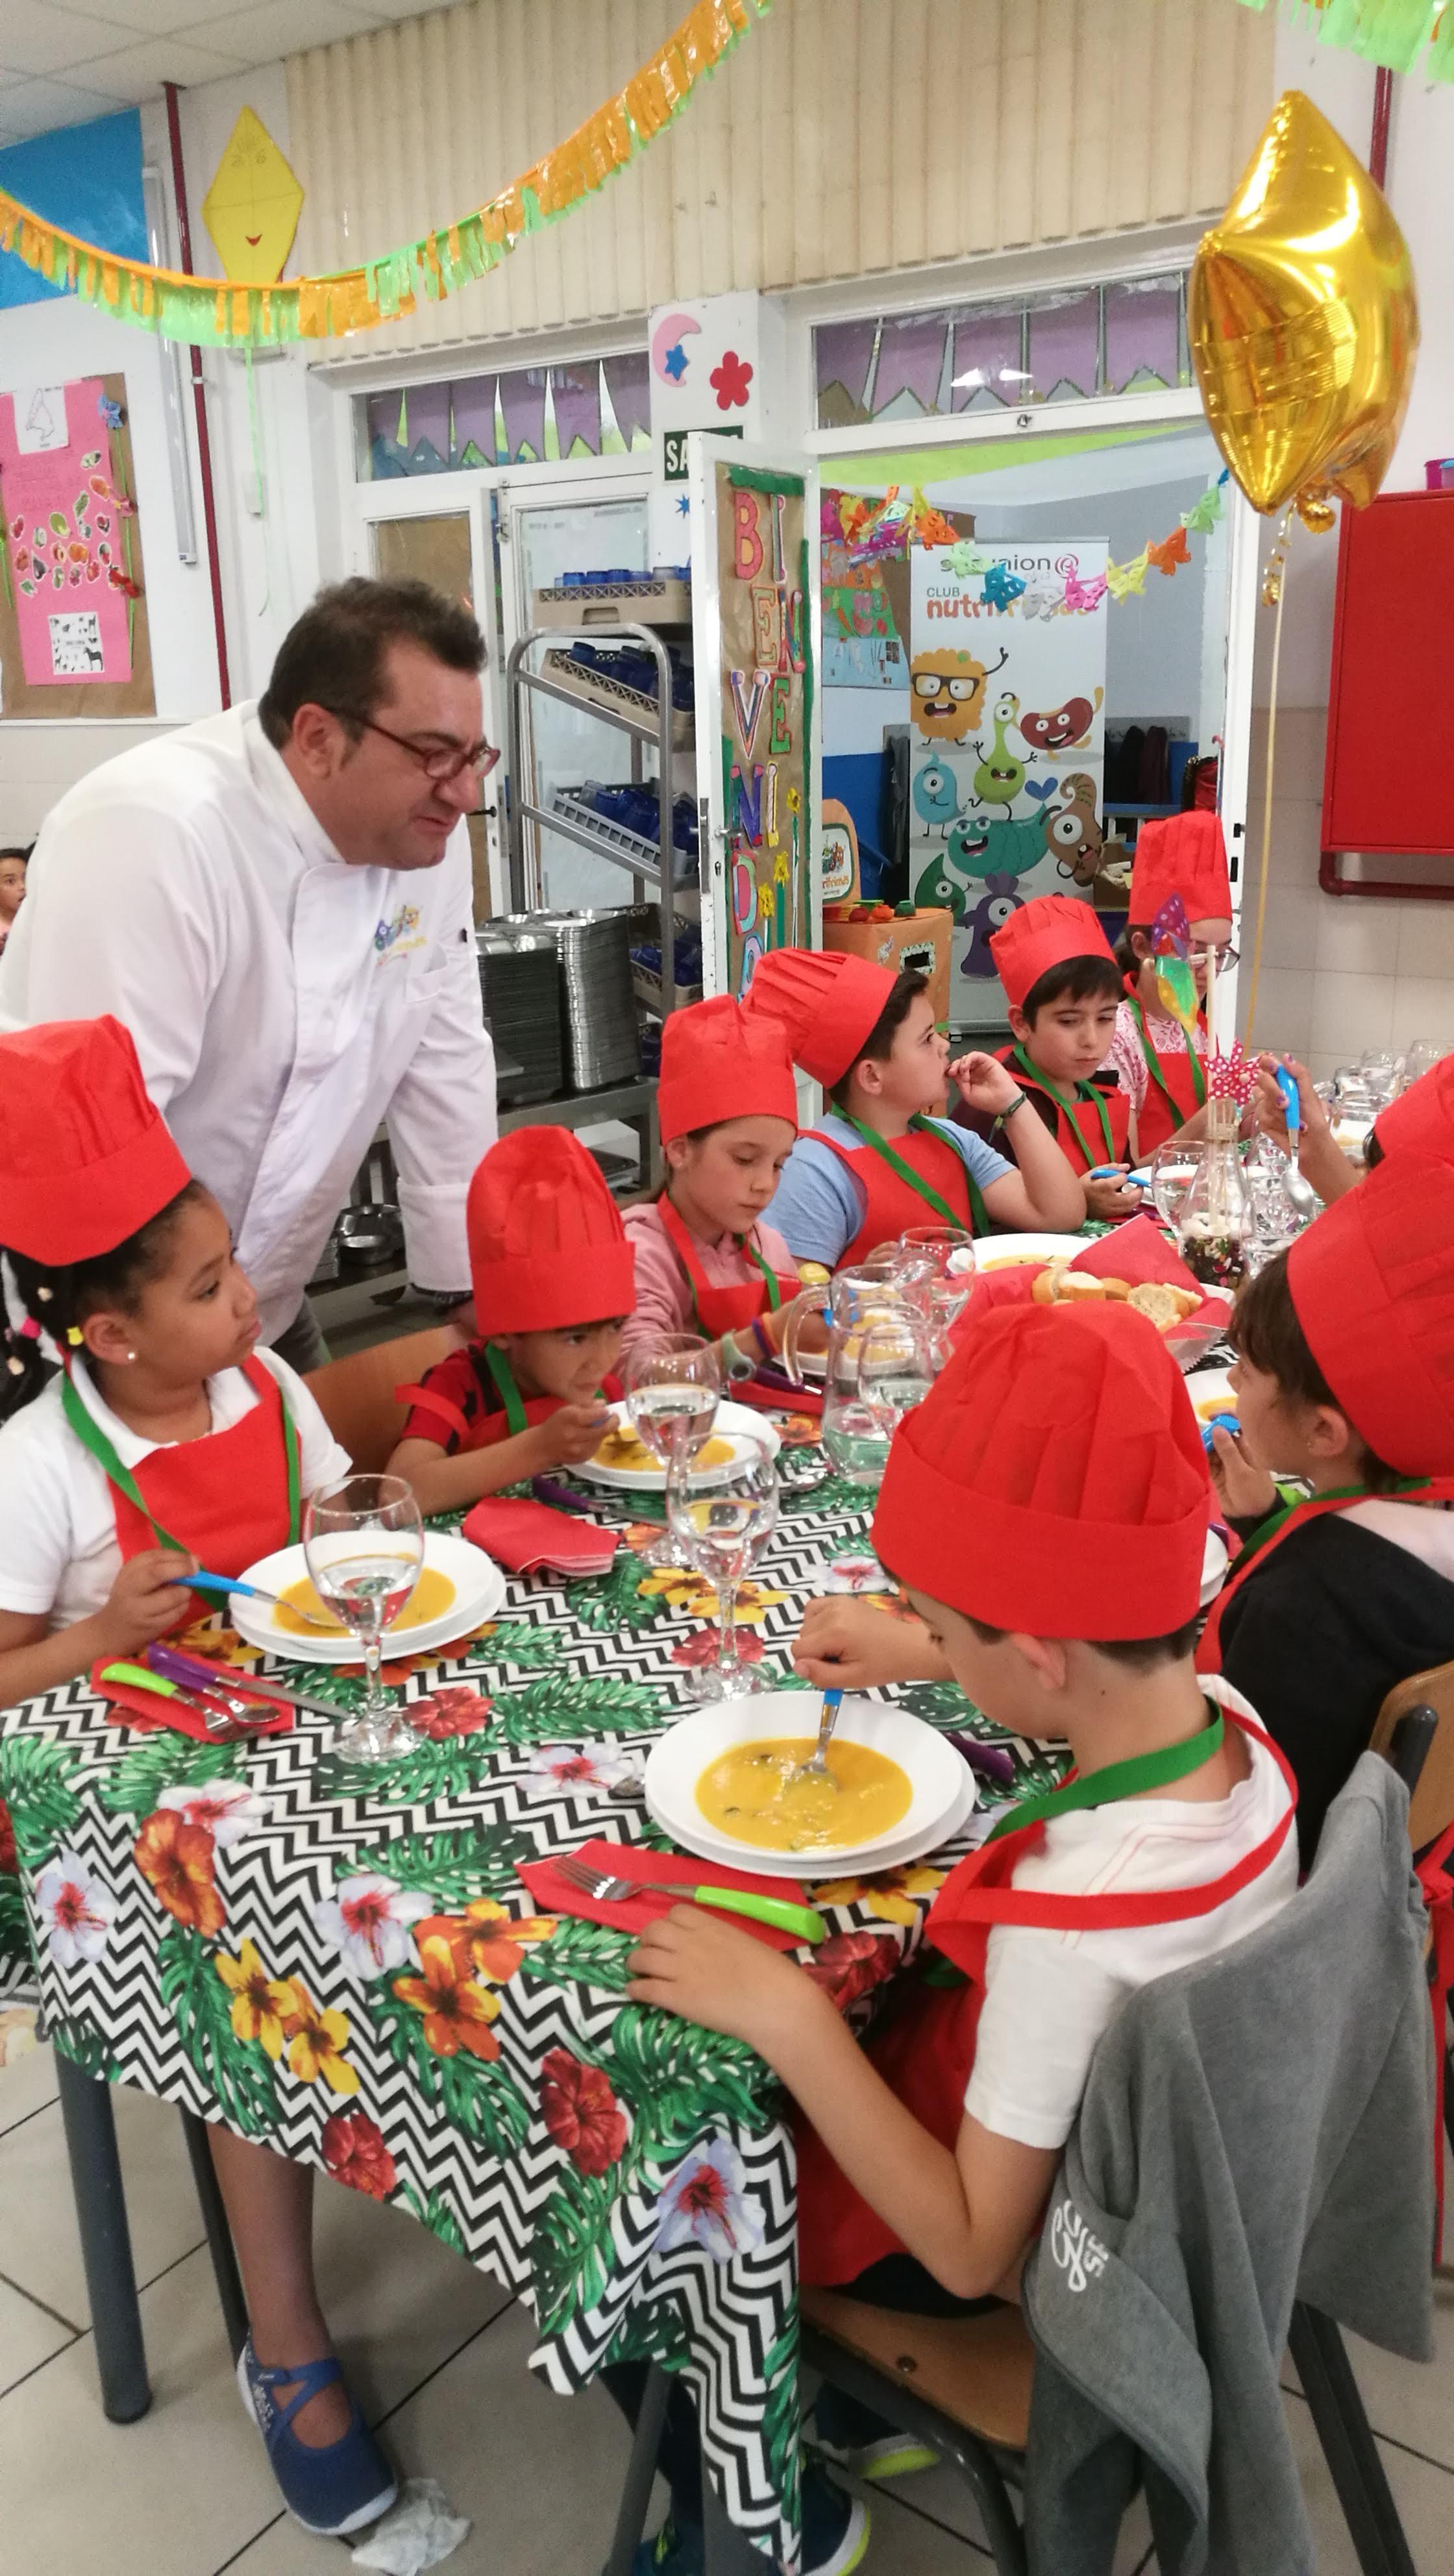 Visita del chef Sergio Fernández - Nutrifriends en el Comedor 8